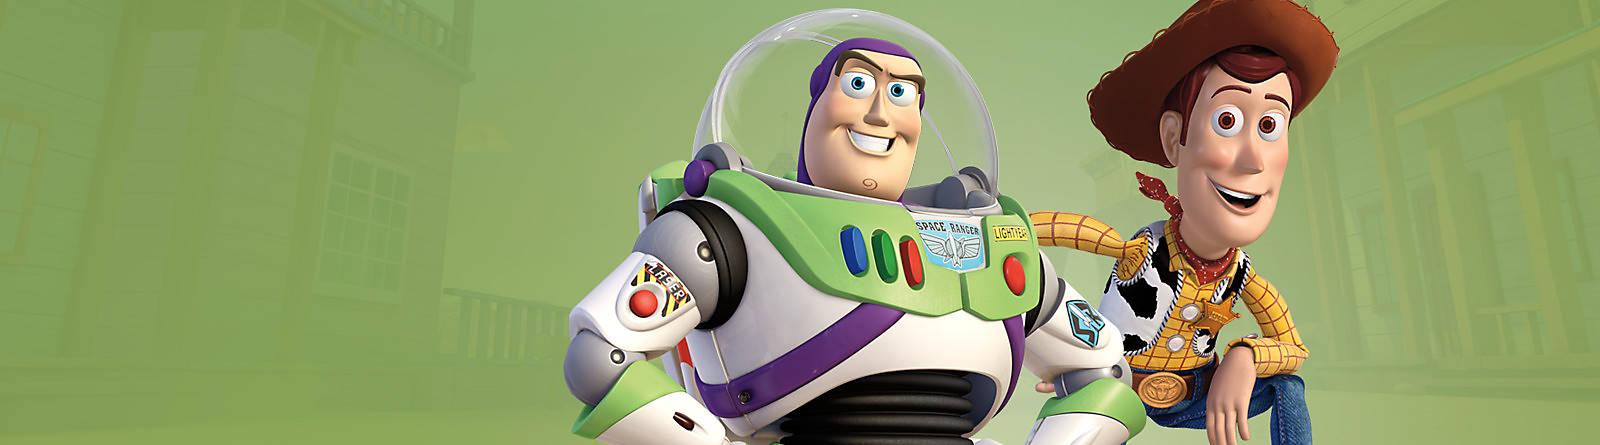 Toy Story 4 Verso l'infinito e oltre! Dai un'occhiata alle nostre action figures, i giochi originali, la linea di vestiti e tanto altro ancora dedicato a Toy Story